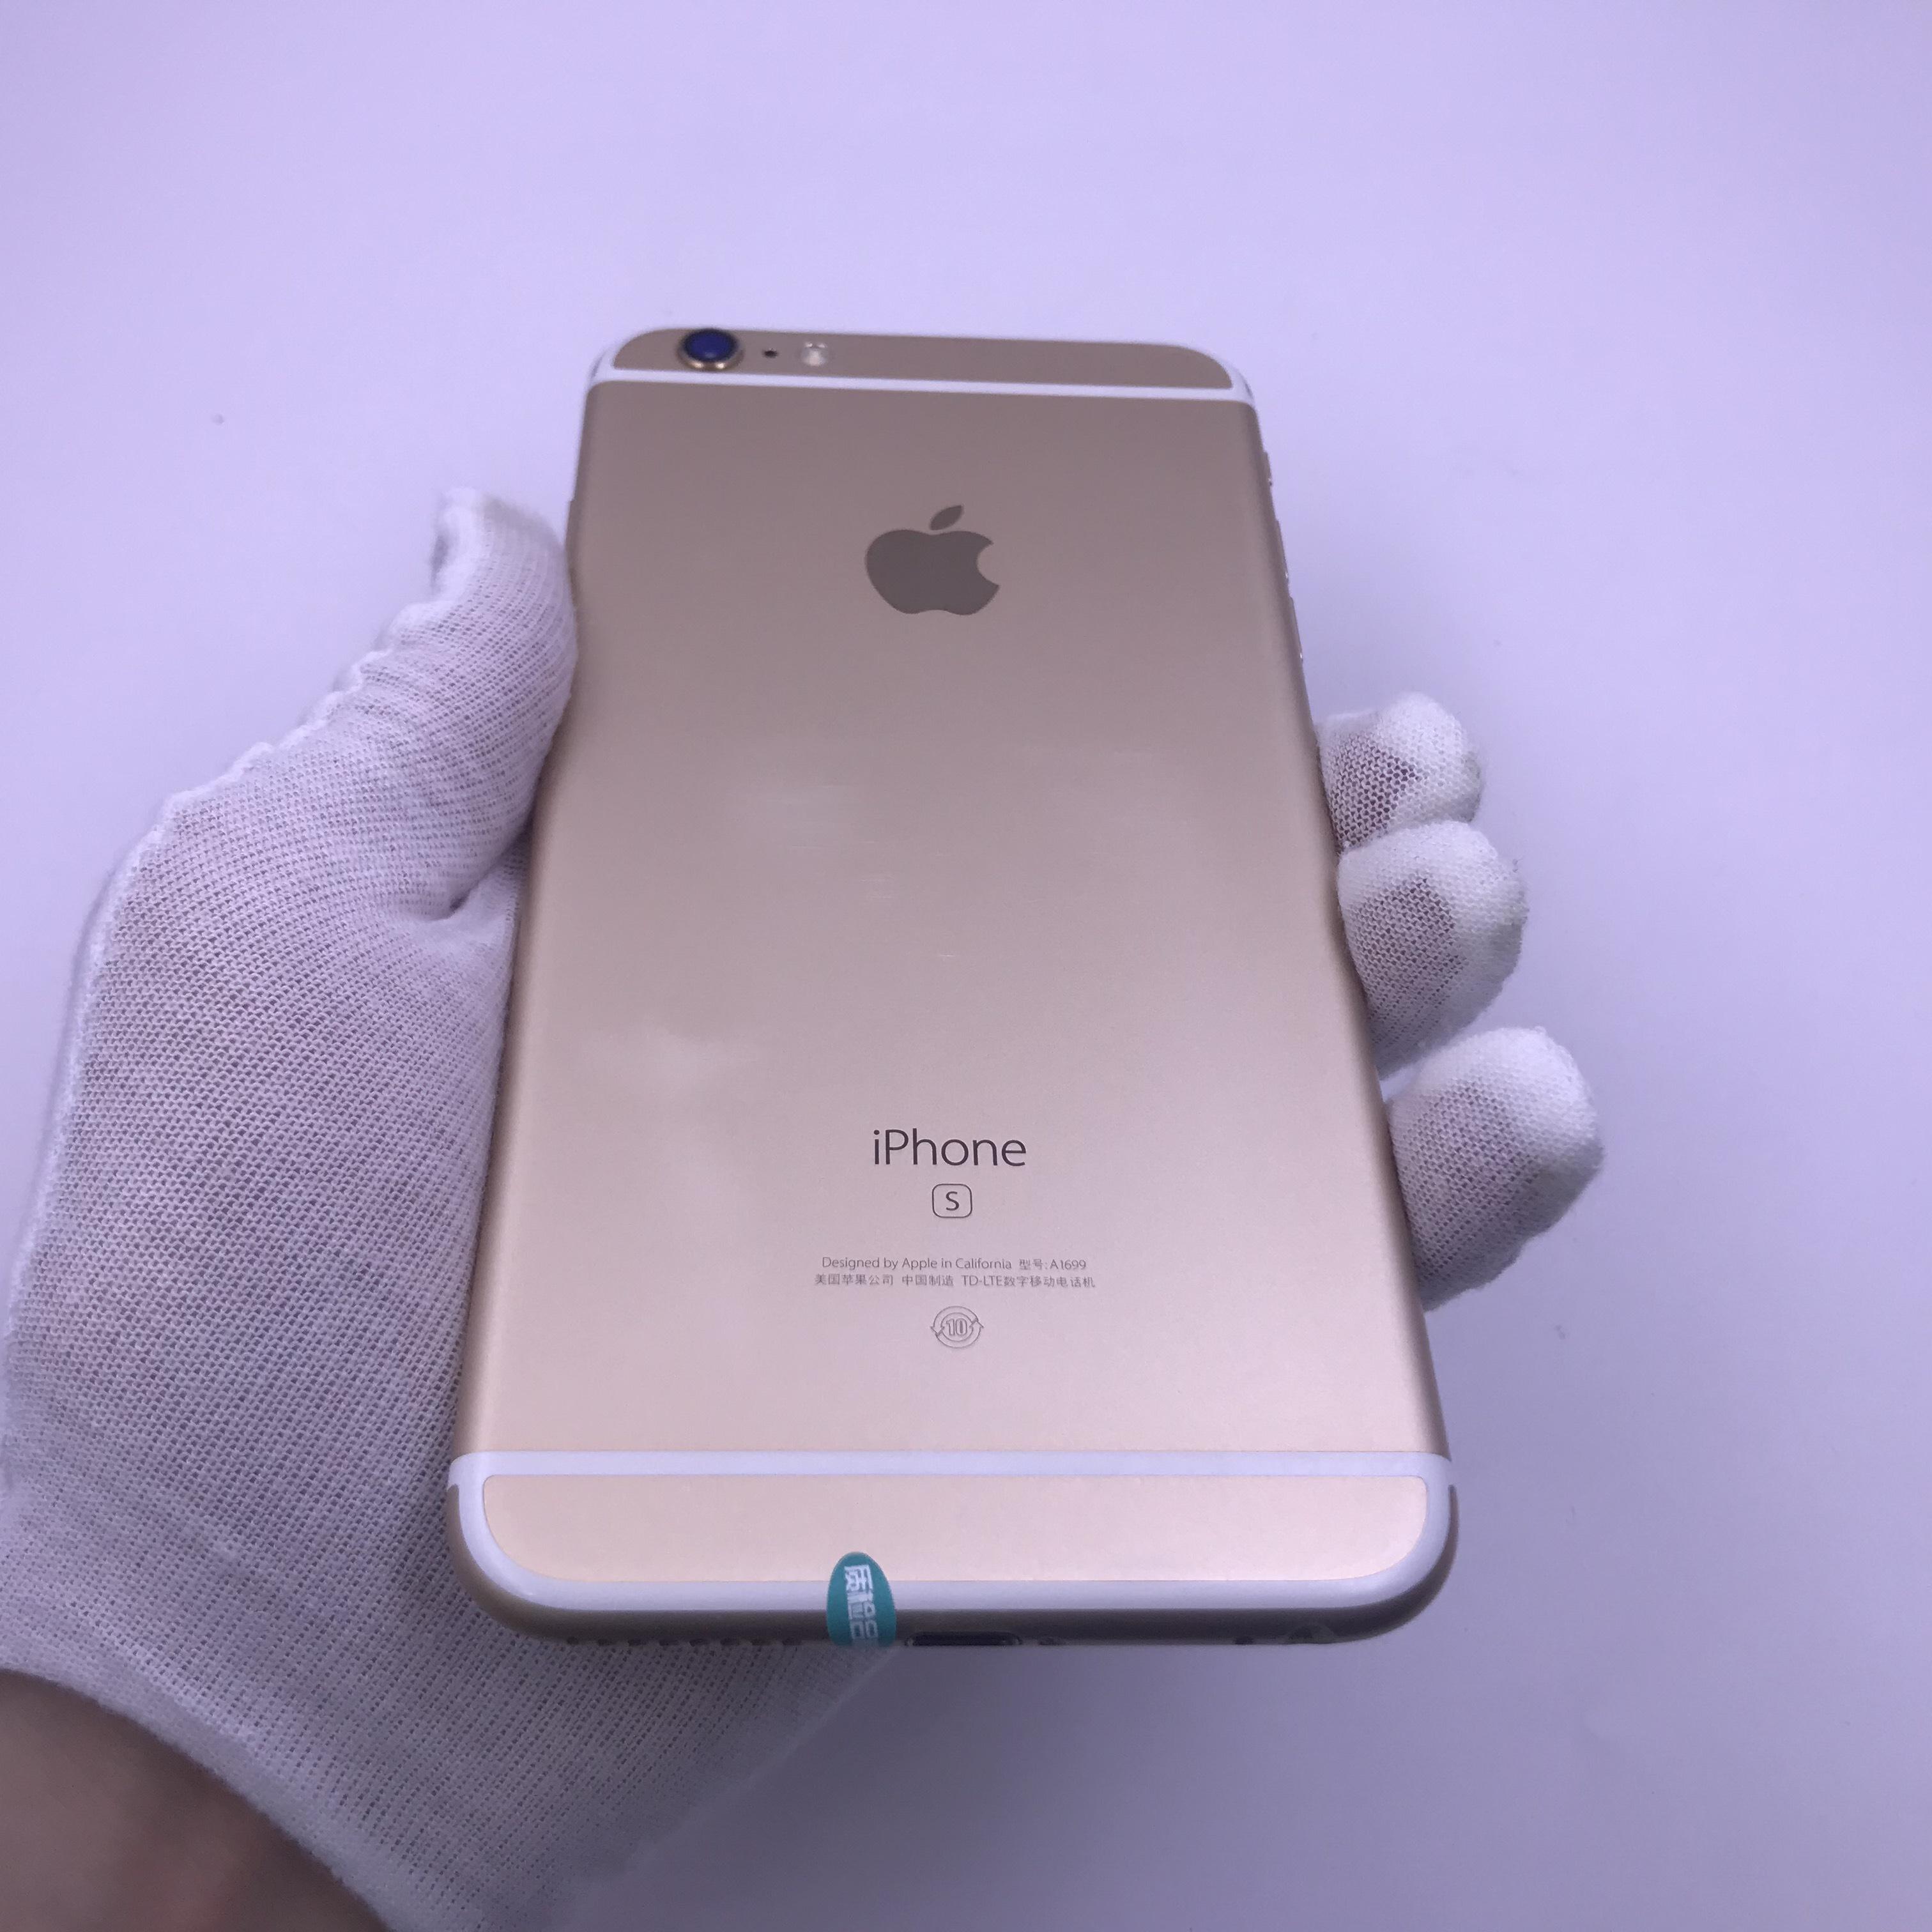 苹果【iPhone 6s Plus】4G全网通 金色 128G 国行 7成新